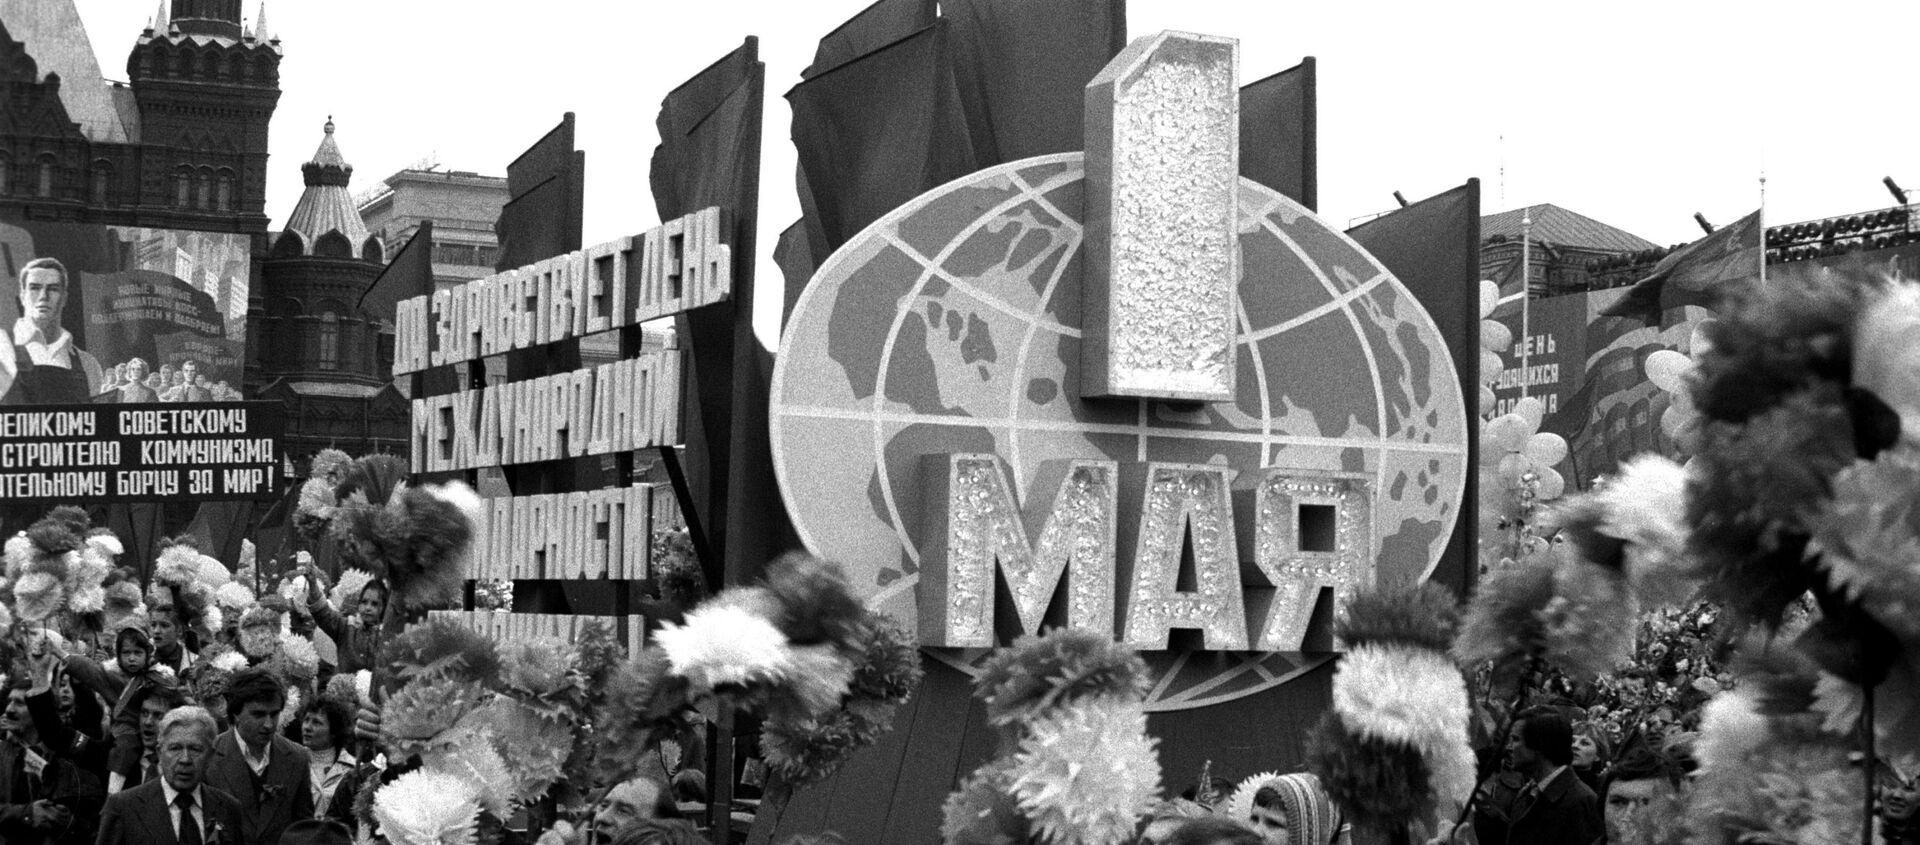 Демонстрация трудящихся на Красной площади в Москве 1 Мая 1982 года - Sputnik Латвия, 1920, 01.05.2020